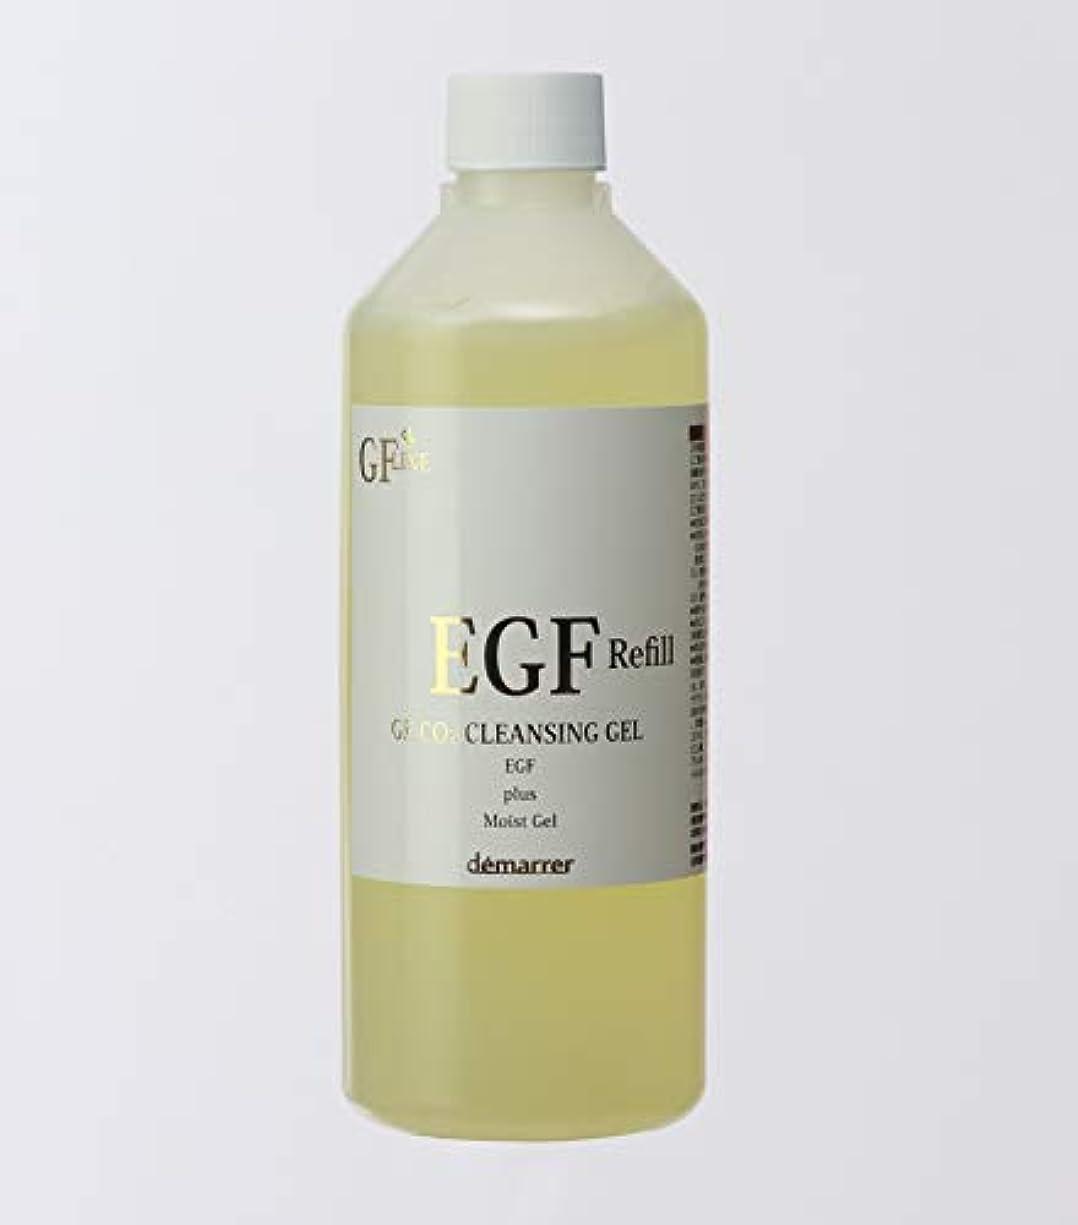 驚いたことにブラザー考えるデマレ GF 炭酸洗顔クレンジング 400g レフィル